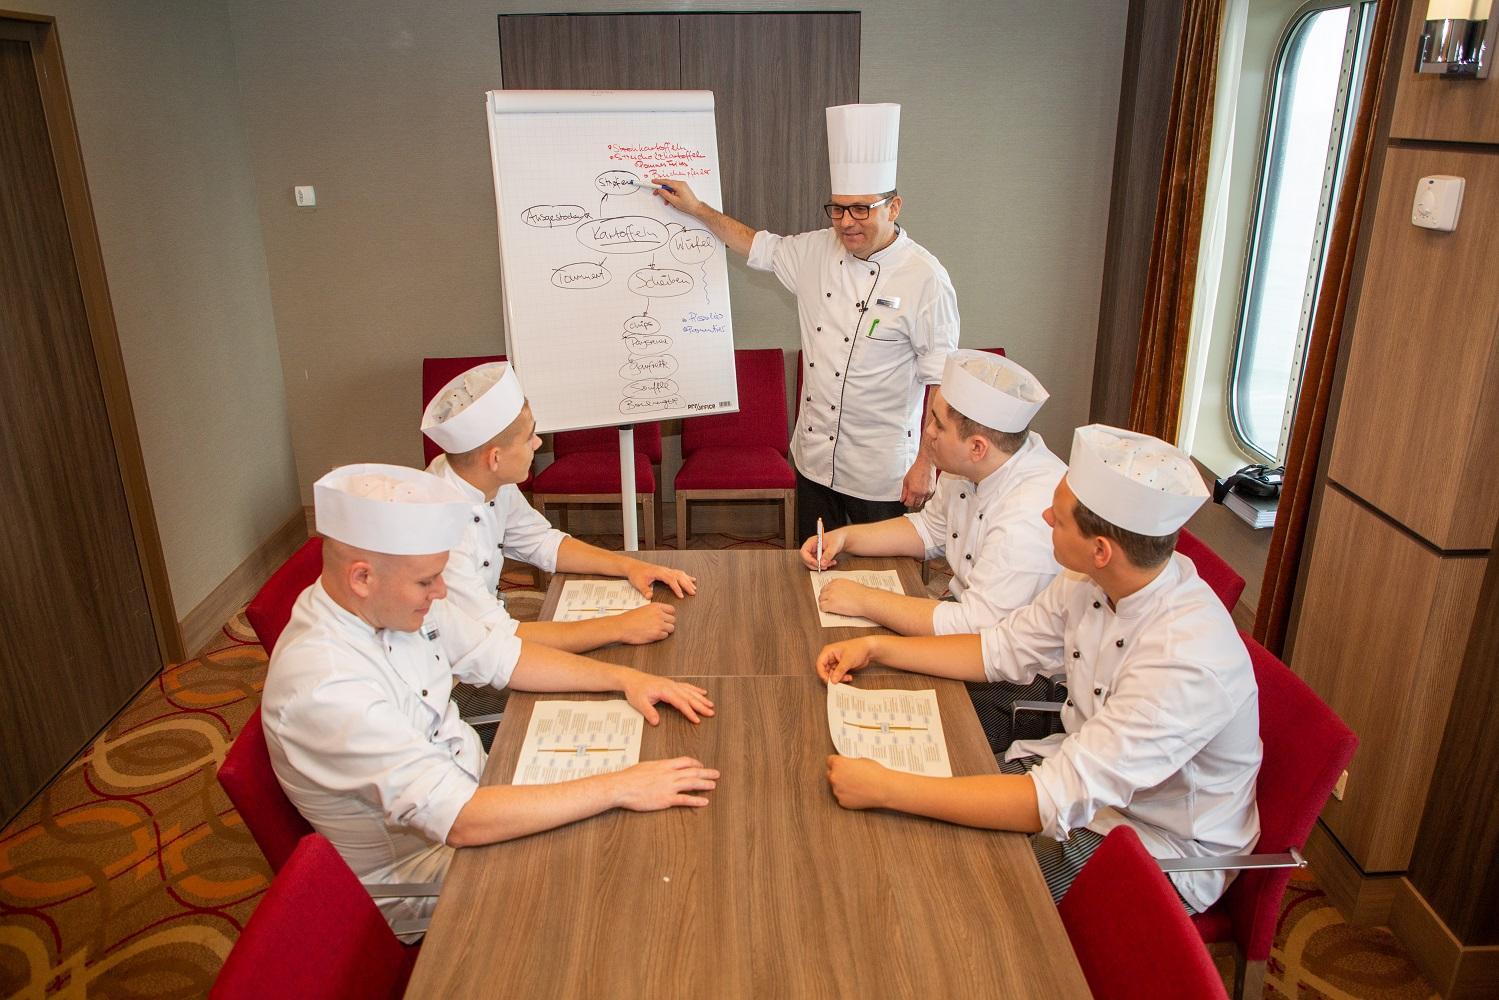 Lernen dort, wo andere Urlaub machen: Kochausbildung an Bord der Mein Schiff Flotte